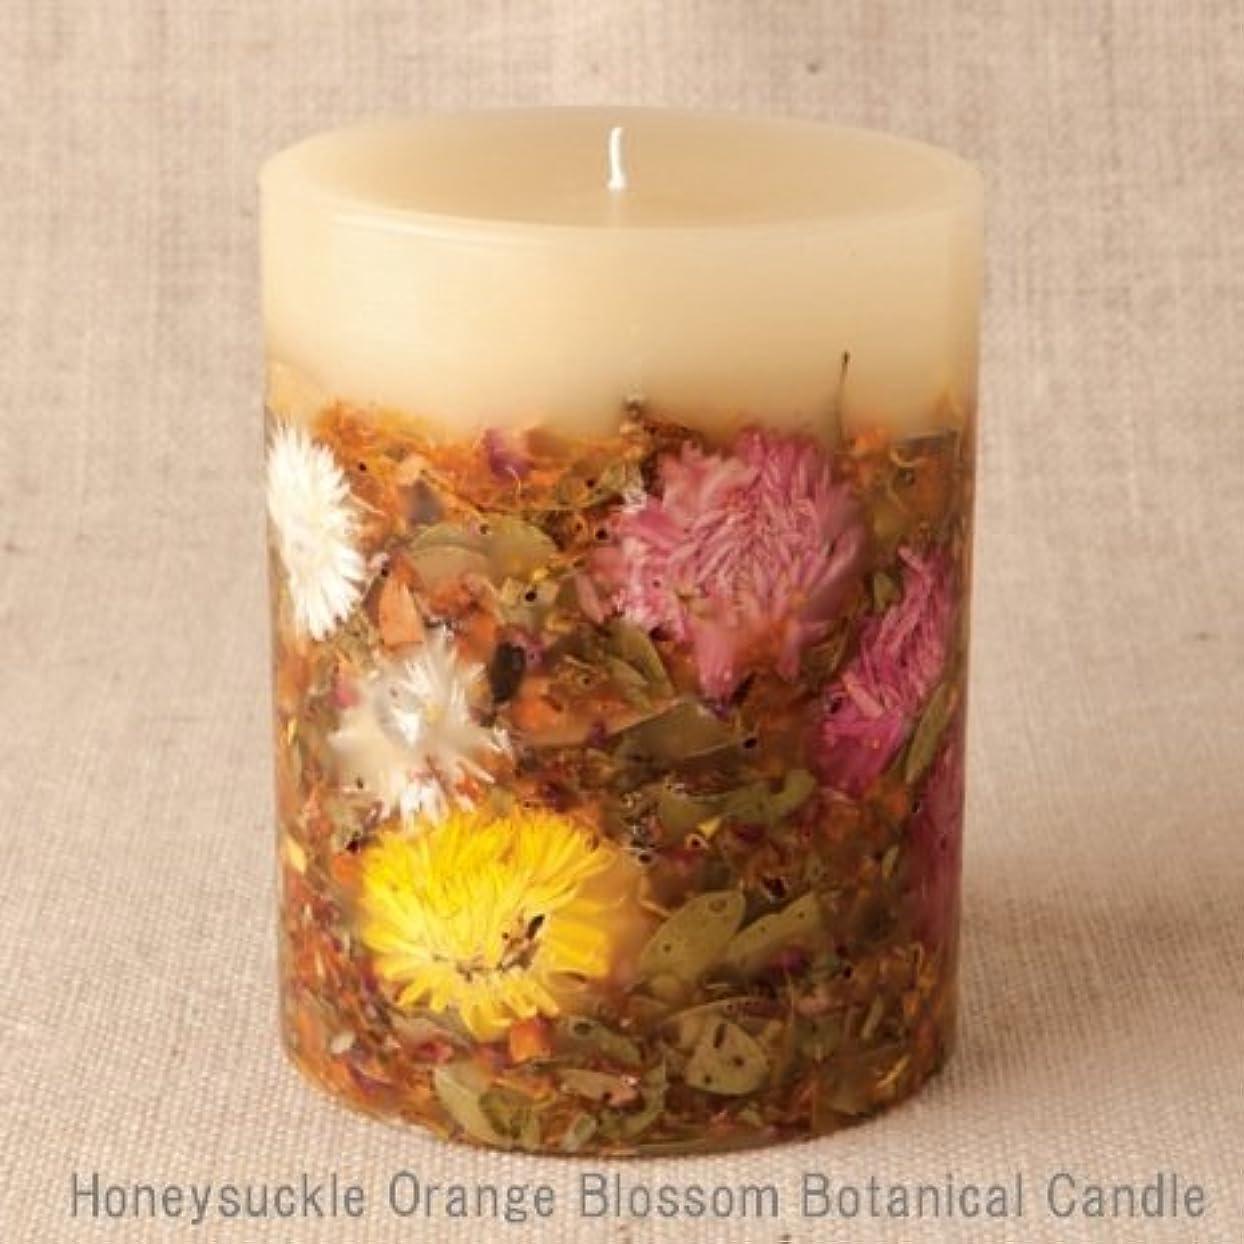 テレマコスコテージ自動的に【Rosy Rings ロージーリングス】 Botanical candle キャンドル ハニーサックルオレンジ&ブロッサム